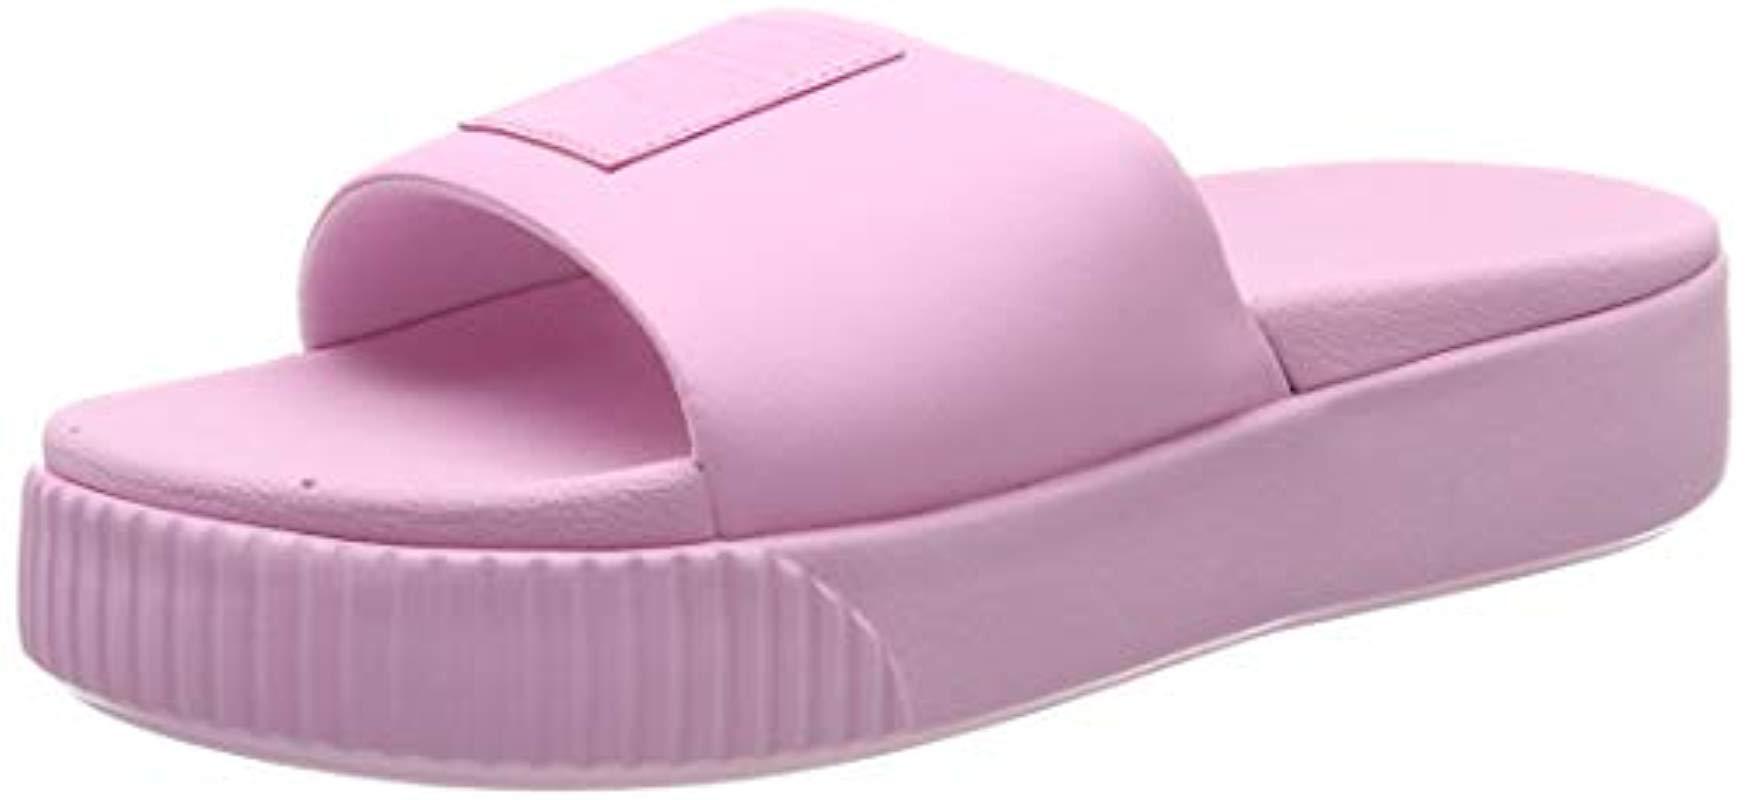 947d4263a57f Puma Platform Slide Sandal in Pink - Lyst